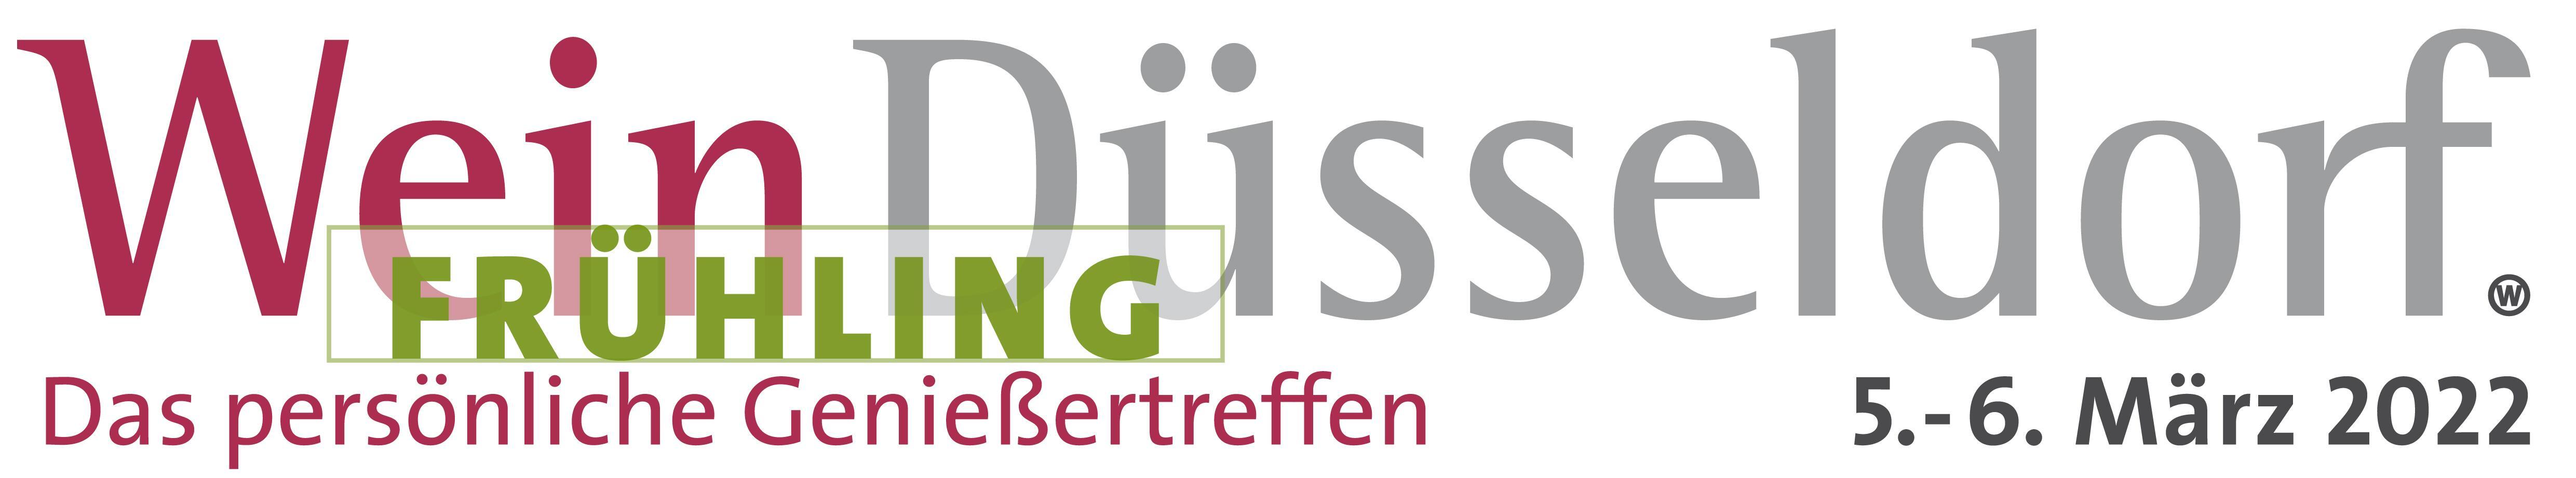 WeinDüsseldorf Frühling Logo